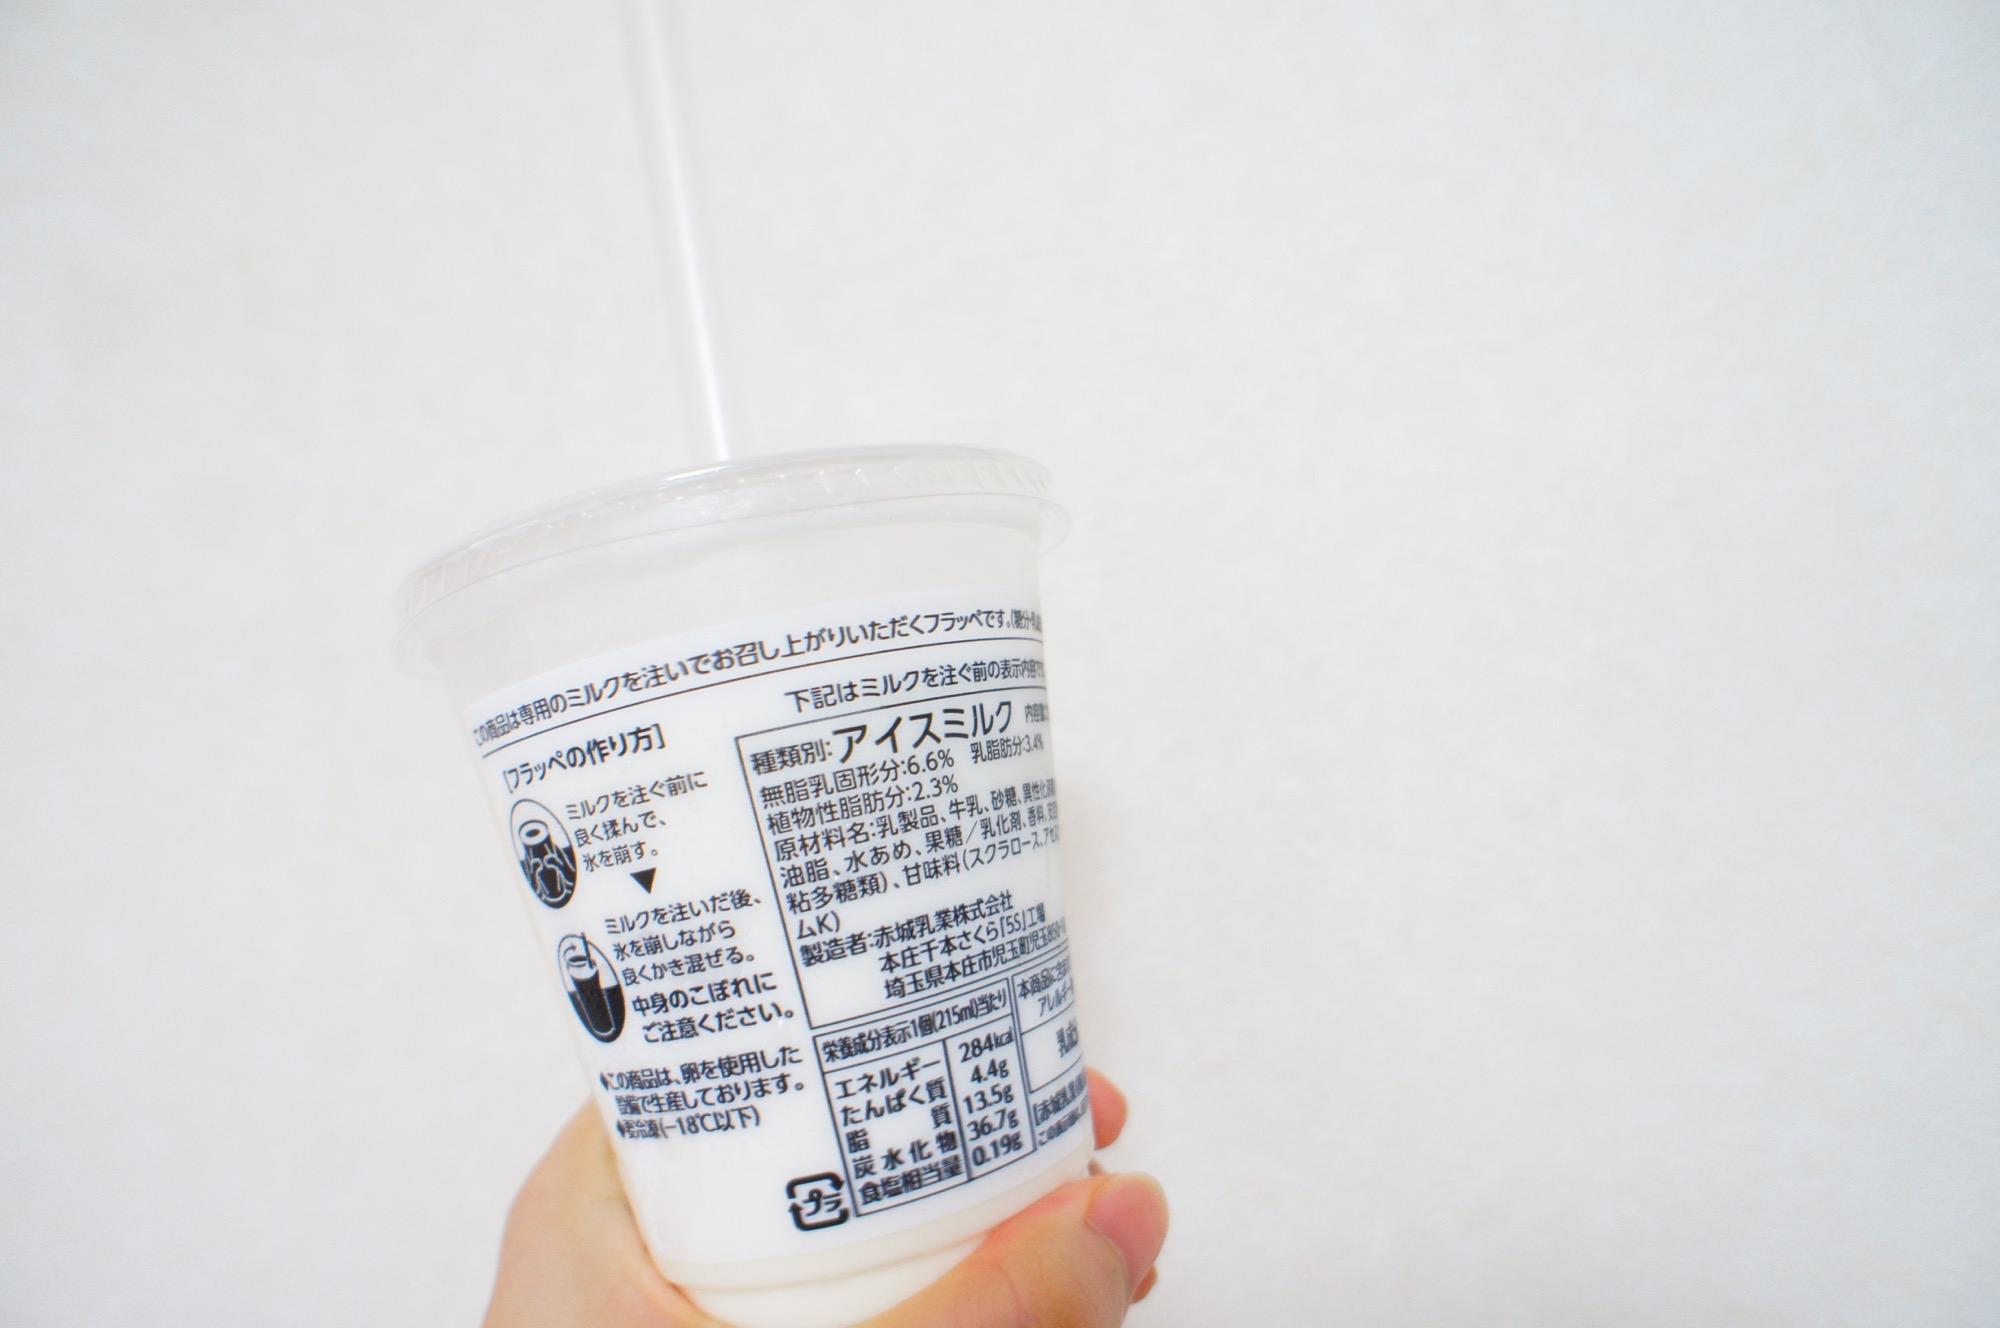 絶対飲みたい!《大人気アイス》がフラッペになって登場❤️【ファミマ】たべぼくフラッペが美味しすぎる☻_3